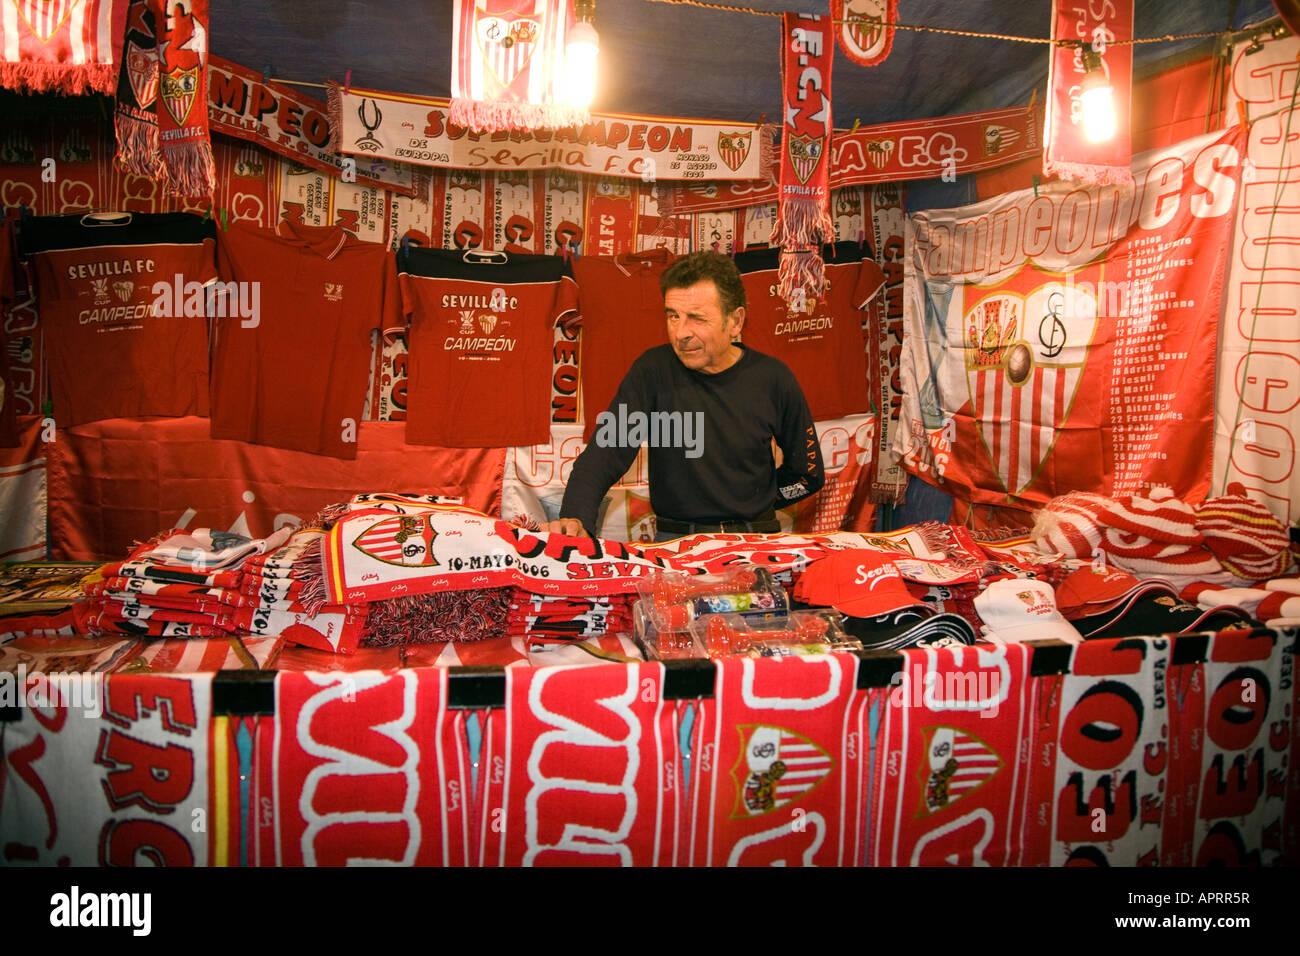 Stallholder of Sevilla FC merchandising goods, Seville, Spain - Stock Image